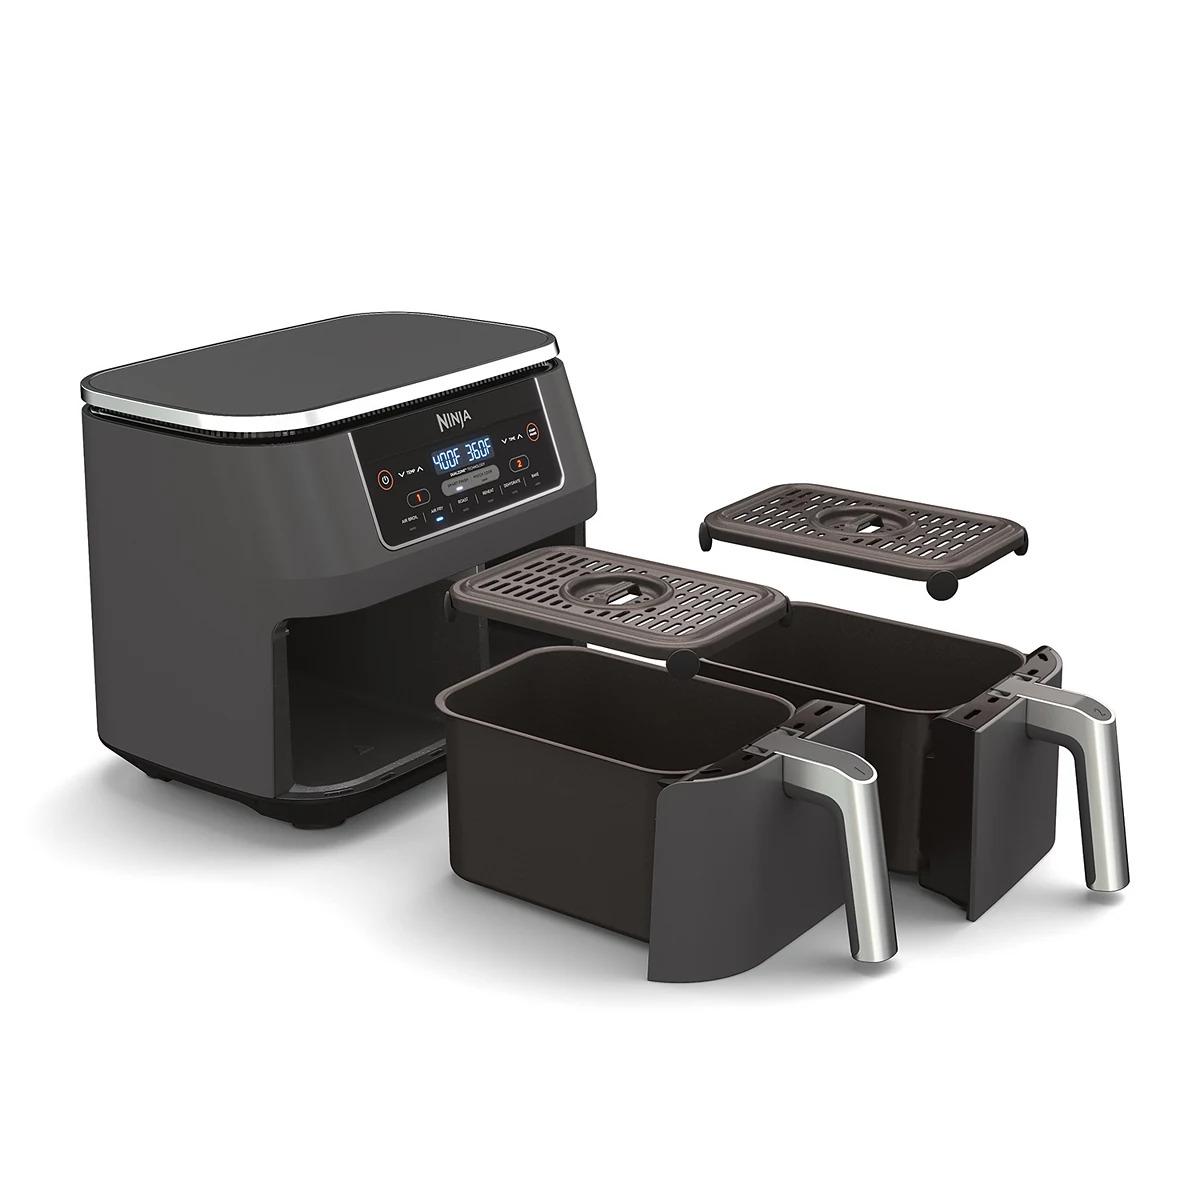 Ninja Foodi 6-in-1 2-Basket Air Fryer with DualZone Technology DZ201